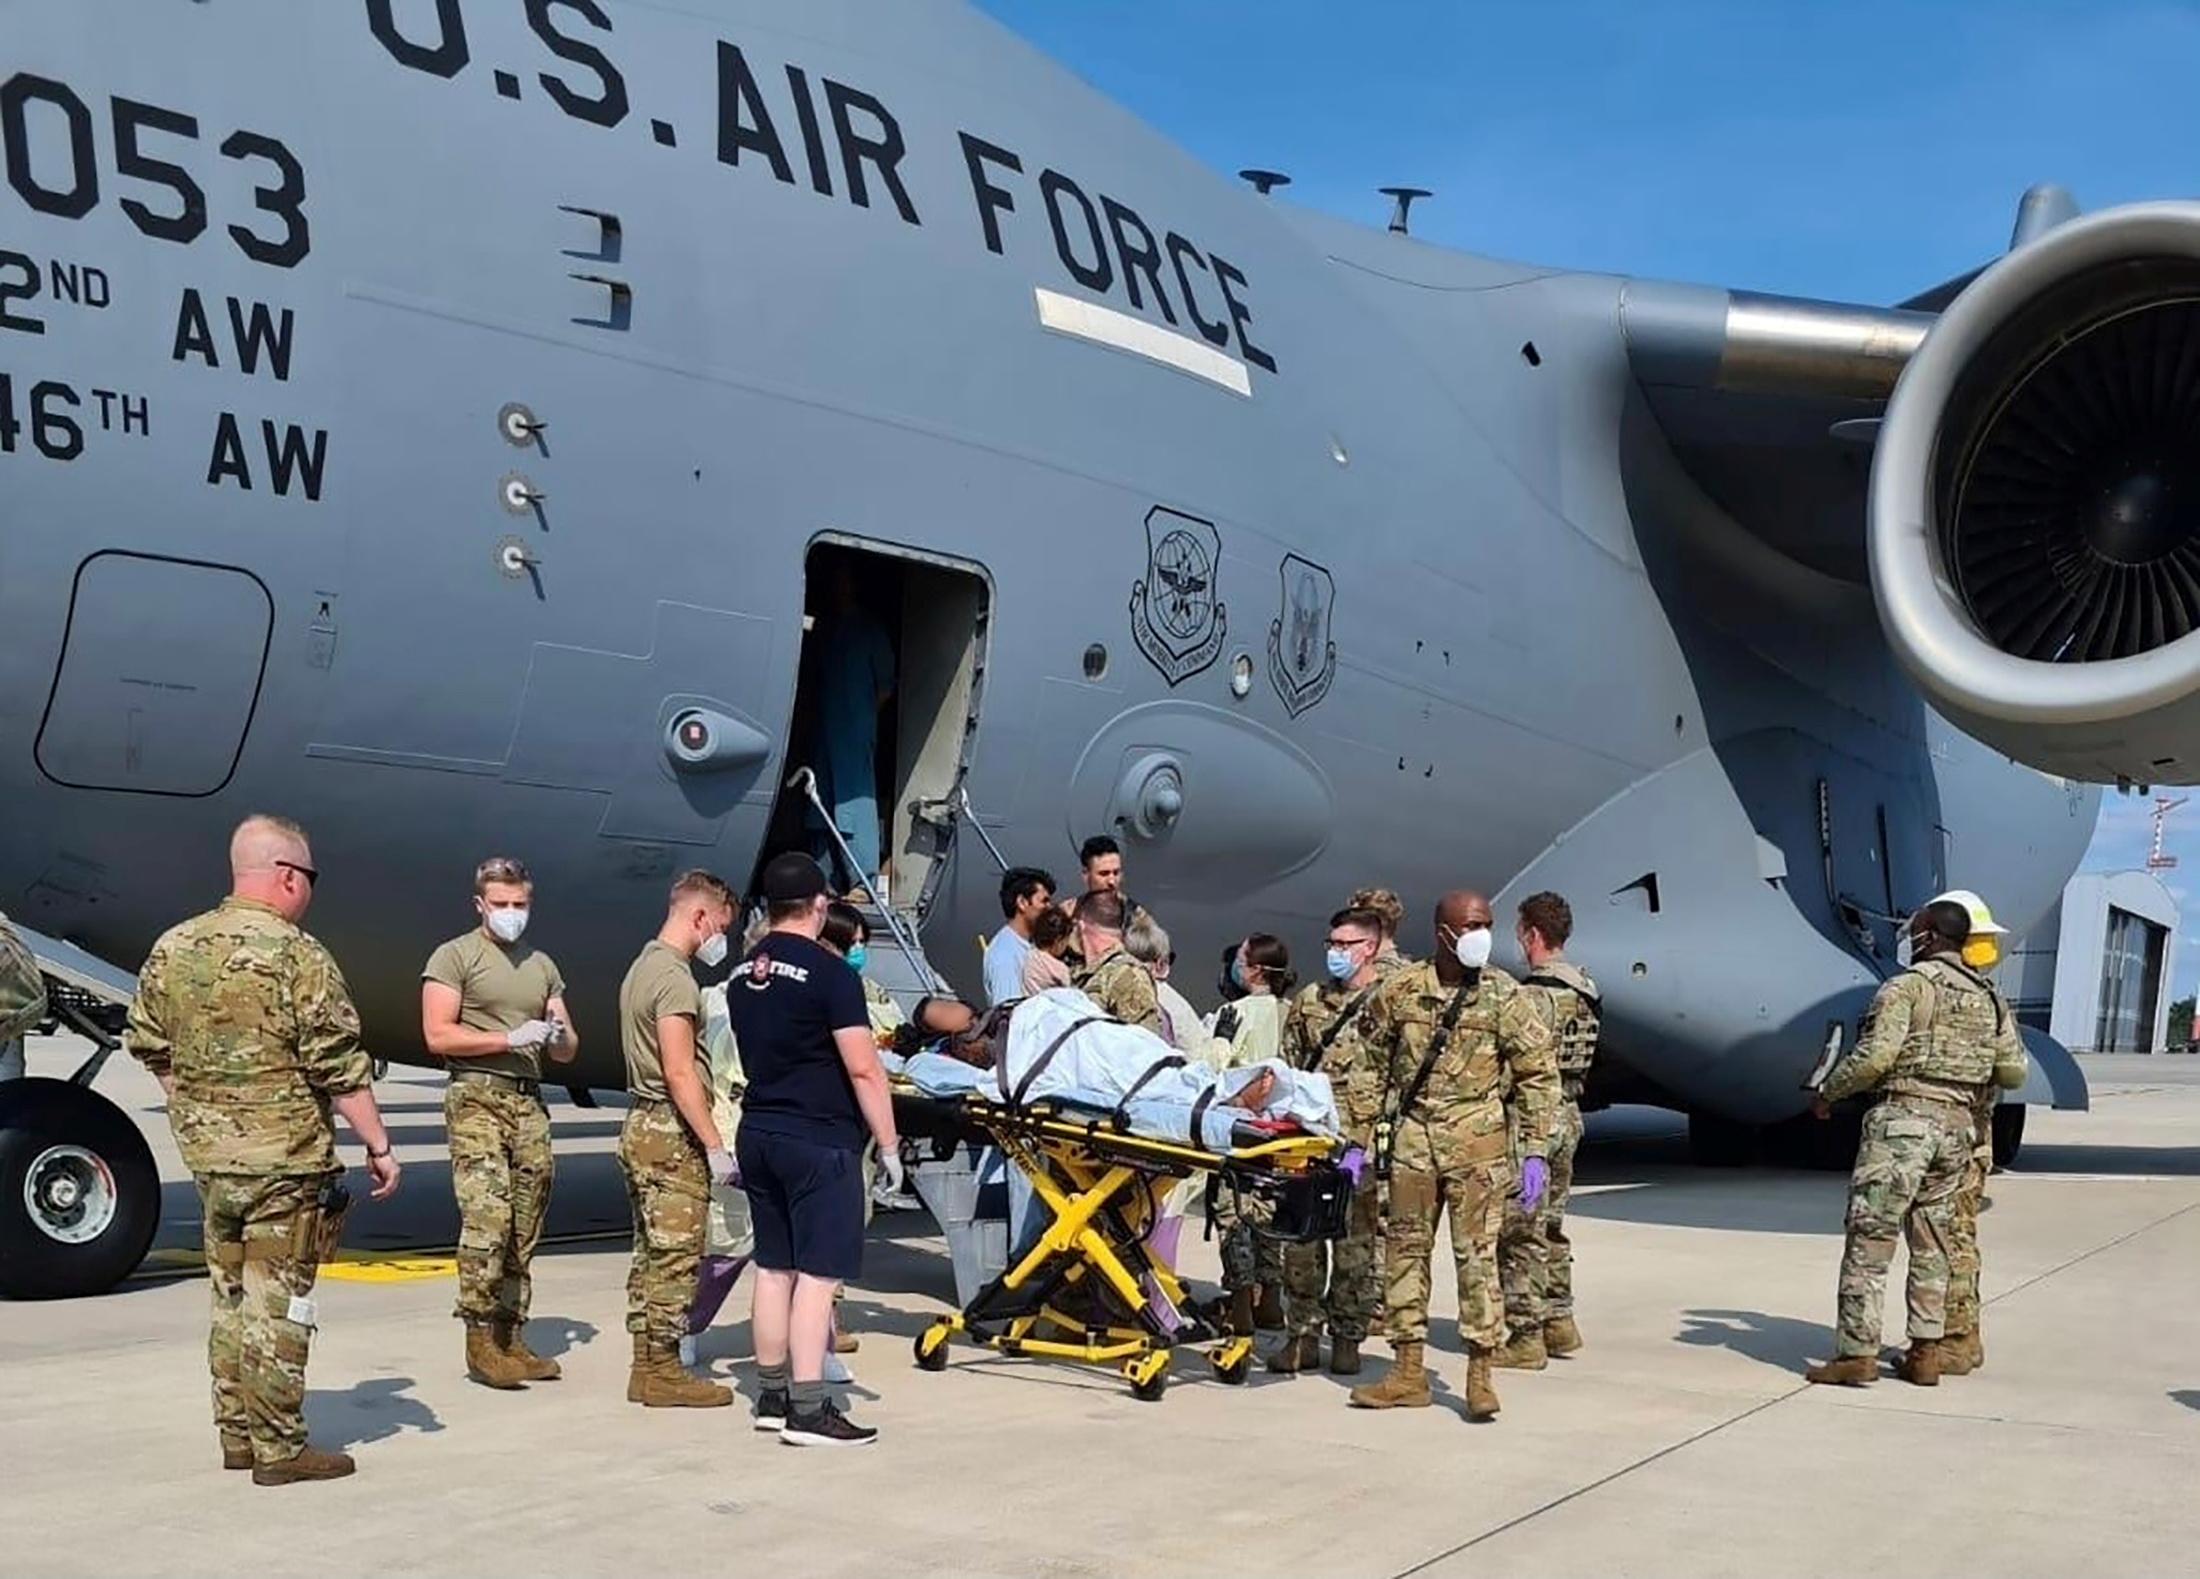 Αφγανιστάν: Κοριτσάκι που γεννήθηκε σε αεροπλάνο των ΗΠΑ σε επιχείρηση απομάκρυνσης πήρε το όνομα του αεροσκάφους